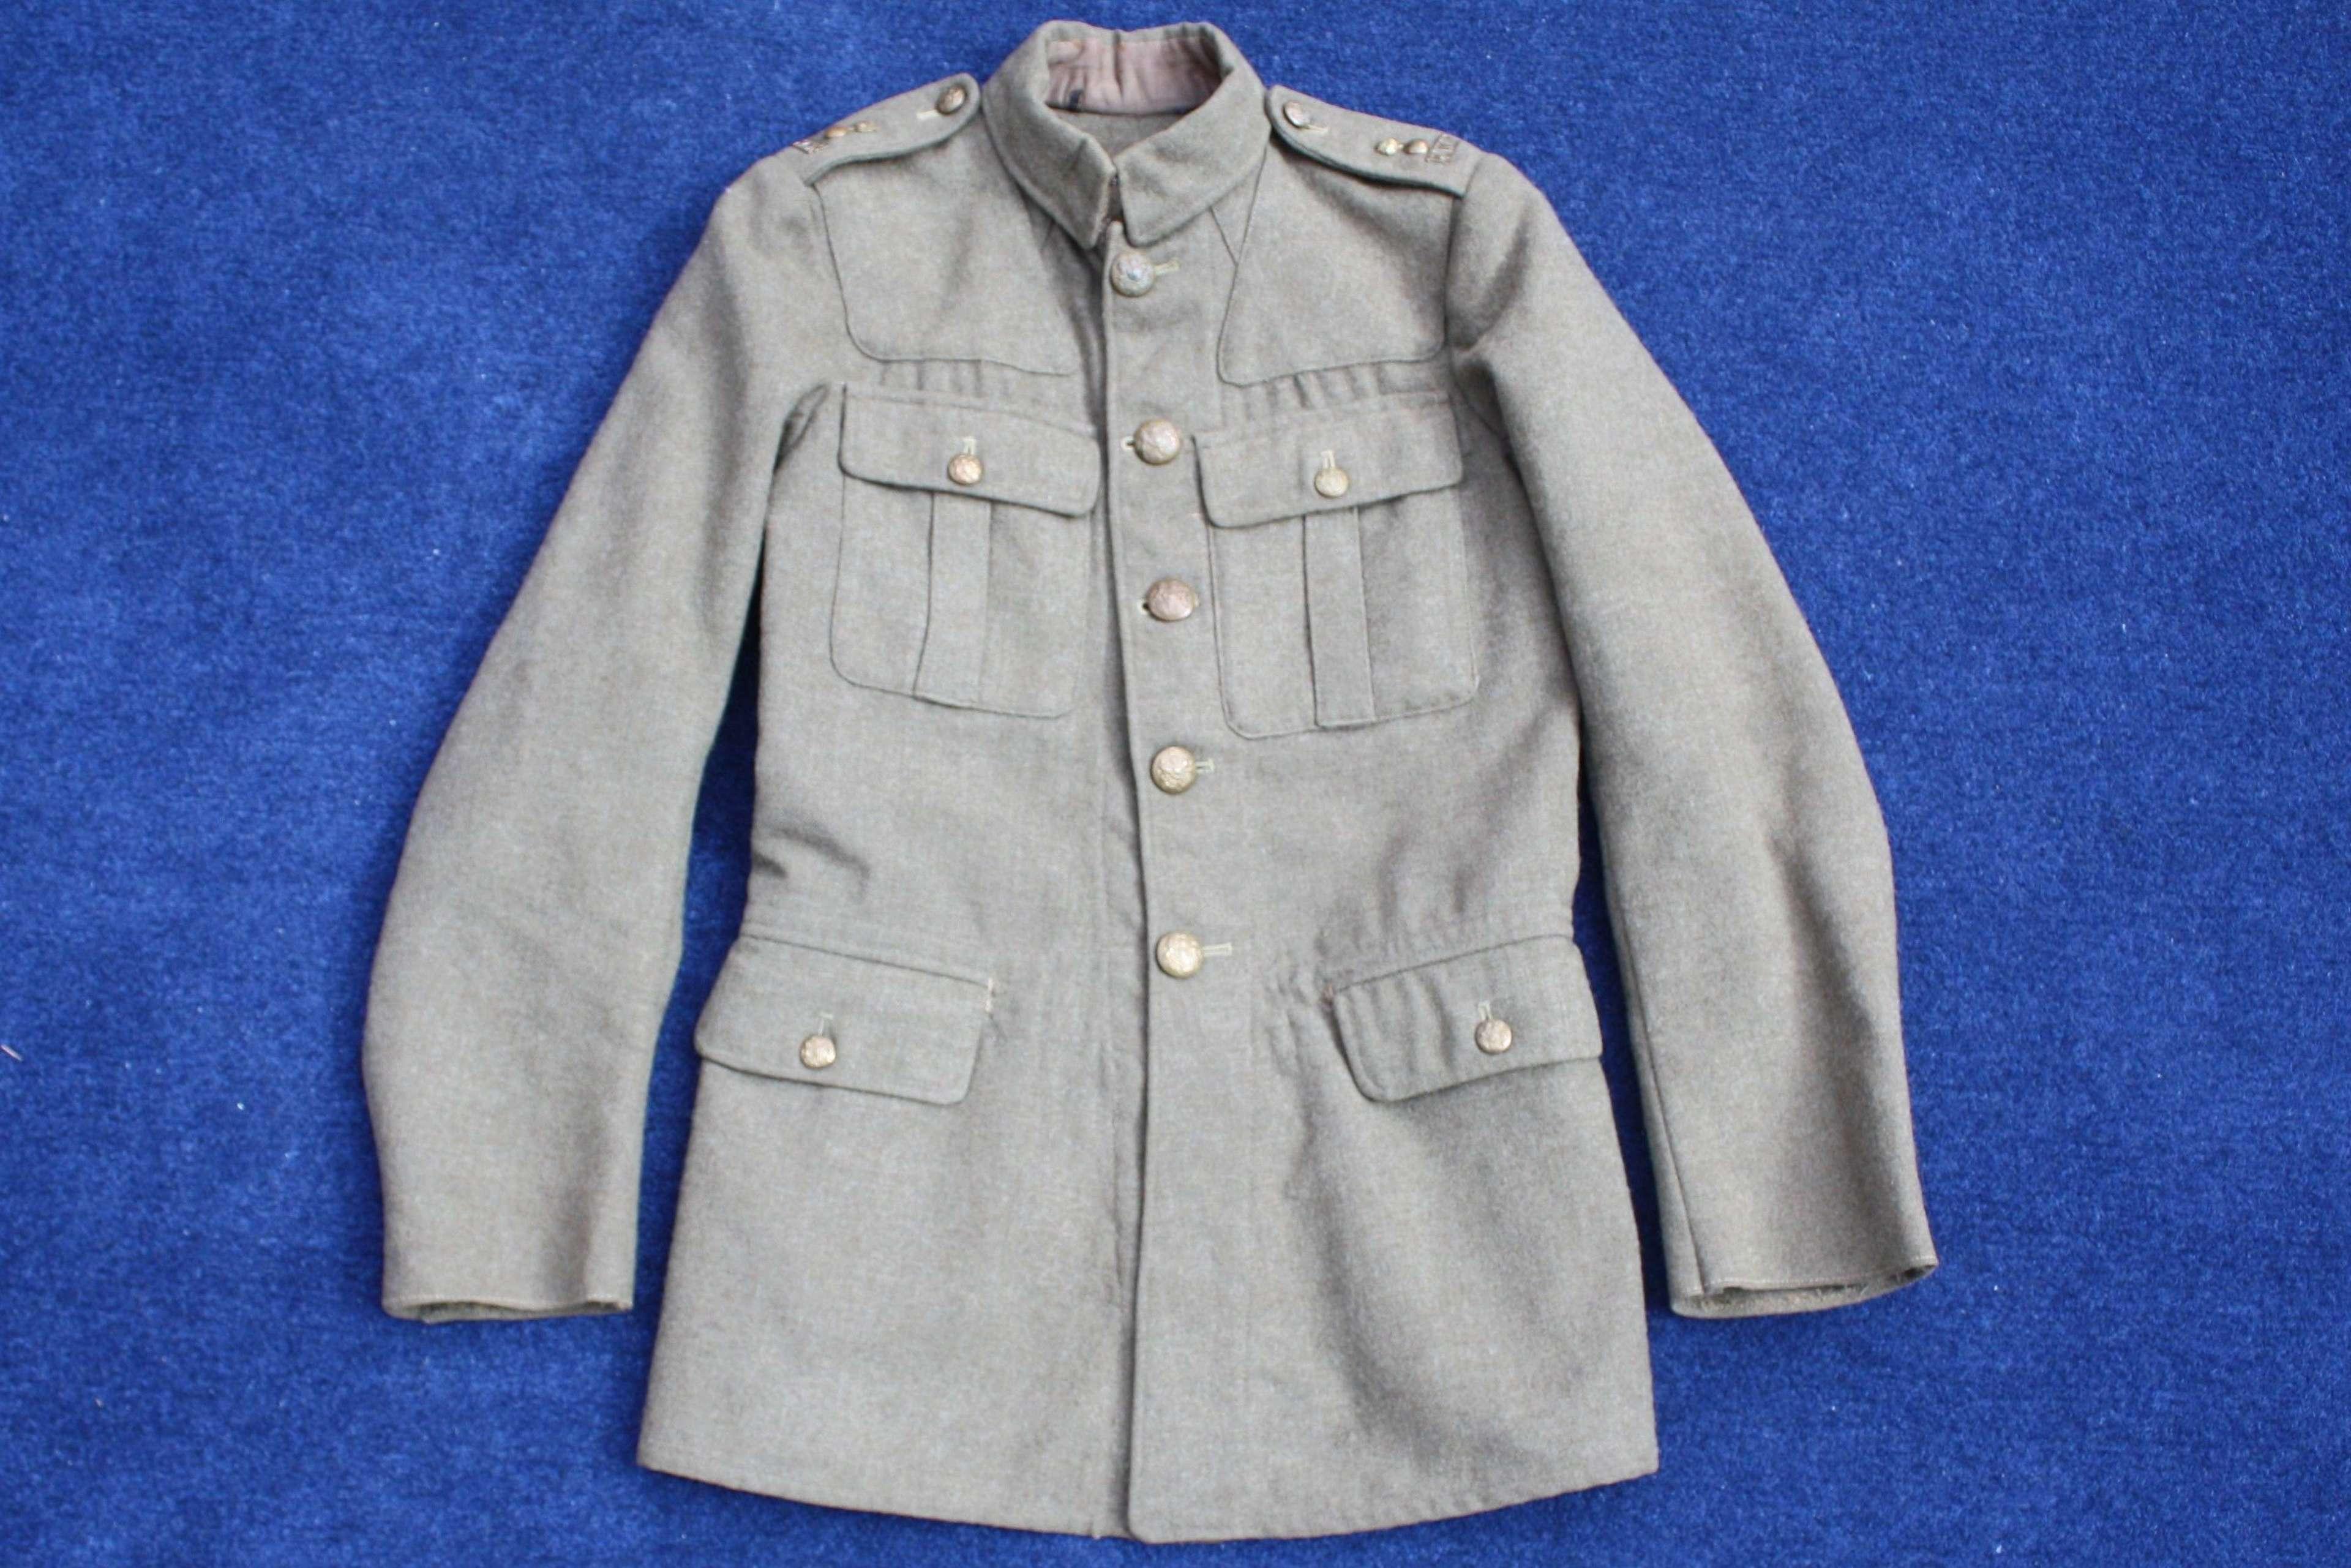 1902 PATTERN BRITISH ARMY LATE WW1 SERVICE DRESS TUNIC RWF